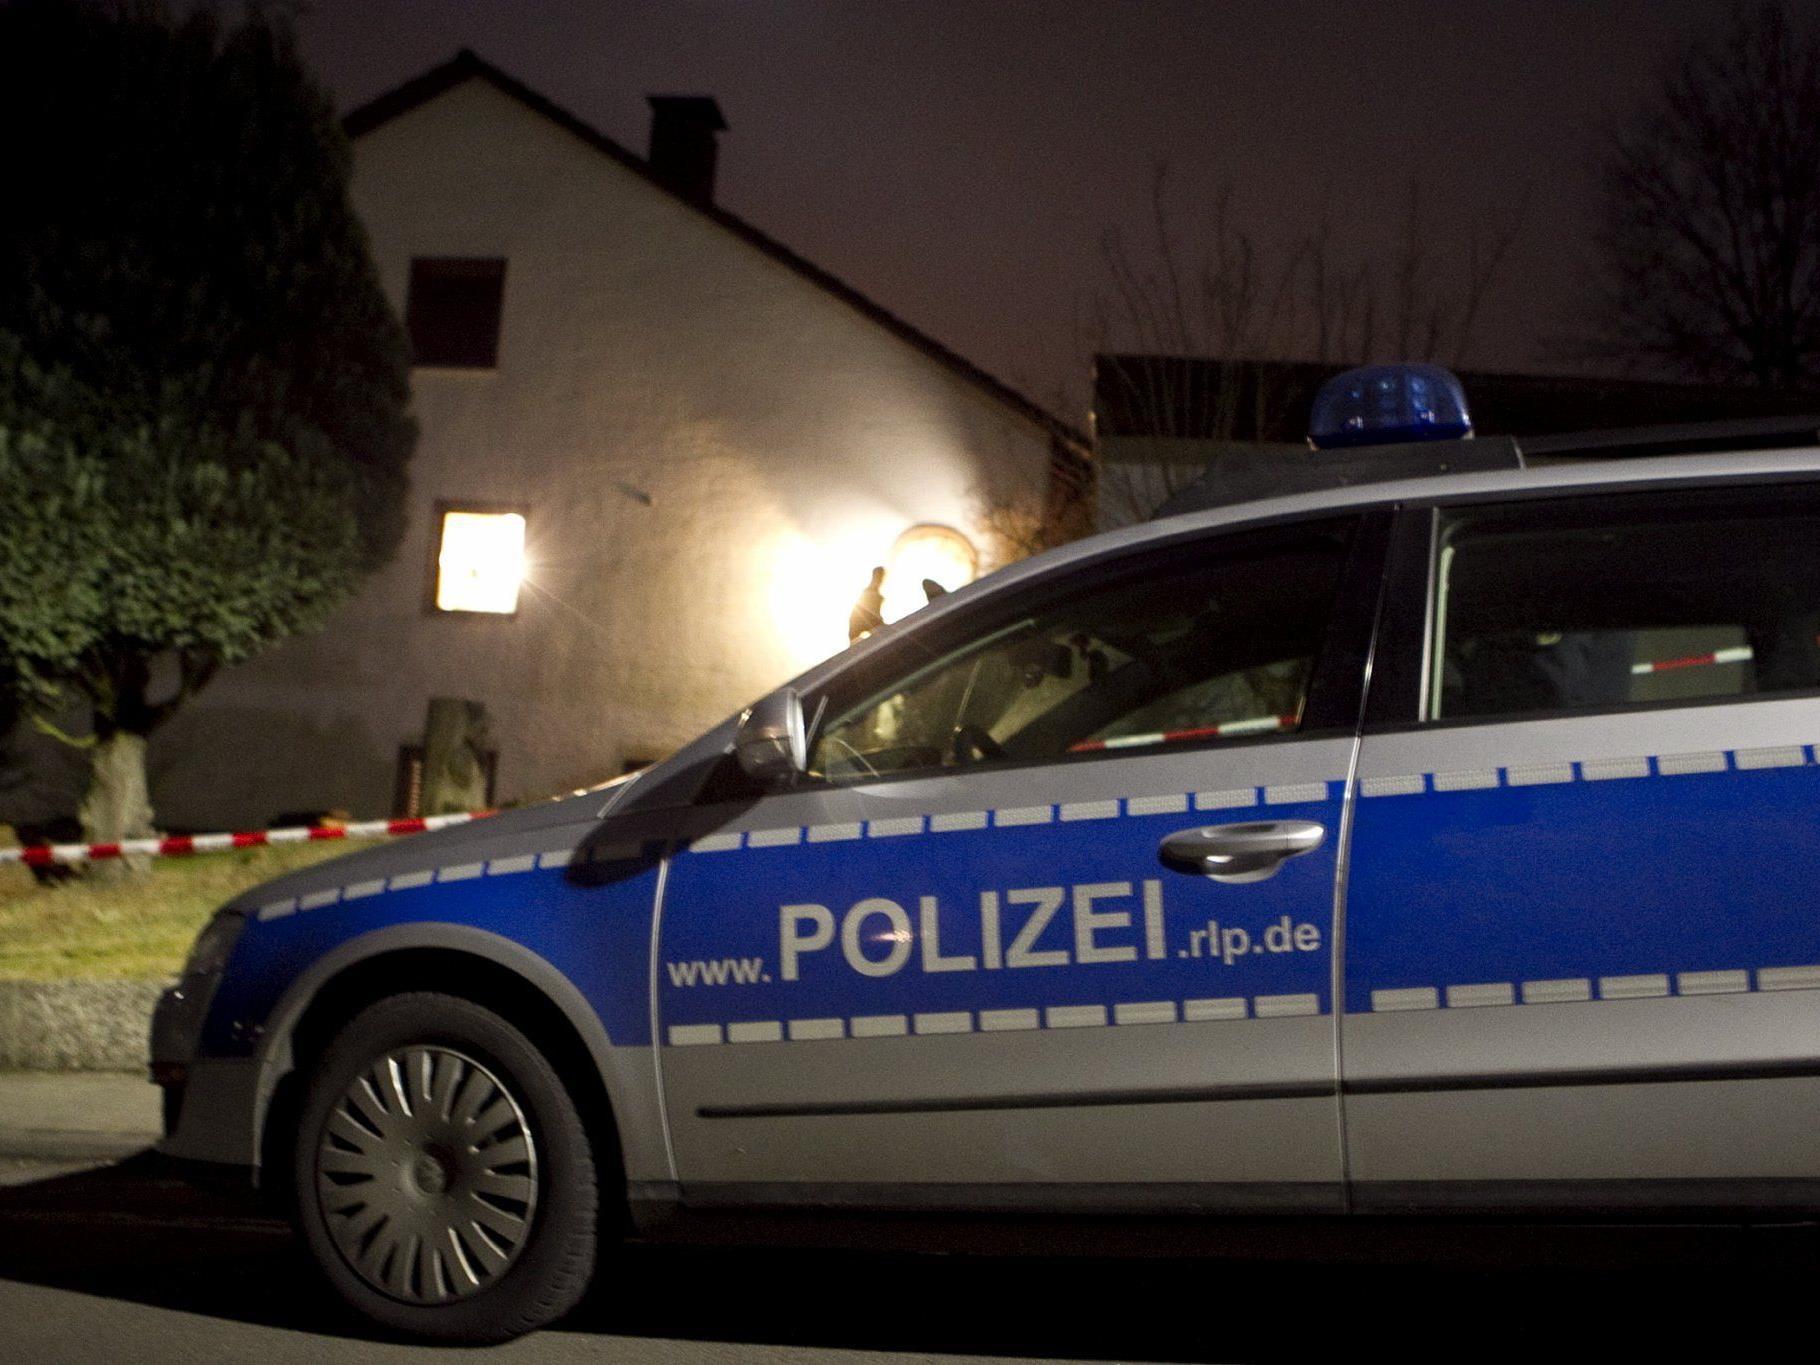 Die Polizei kam dem Dieb durch ein gestohlenes Handy auf die Spur.